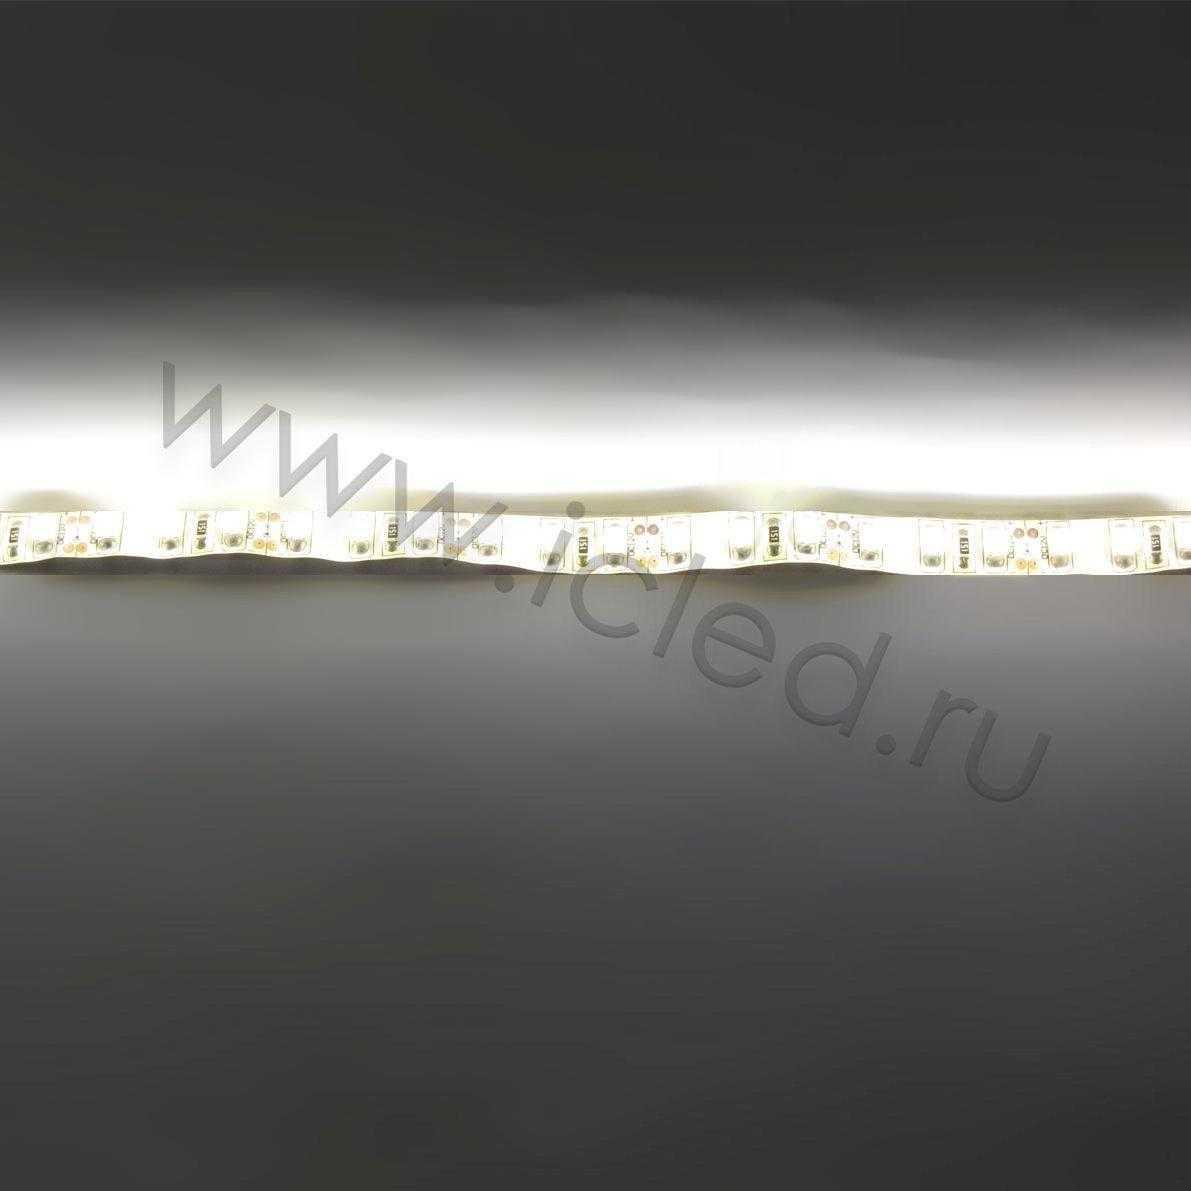 Светодиодная лента Class B, 3528, 120 led/m, Warm White, 12V, IP65